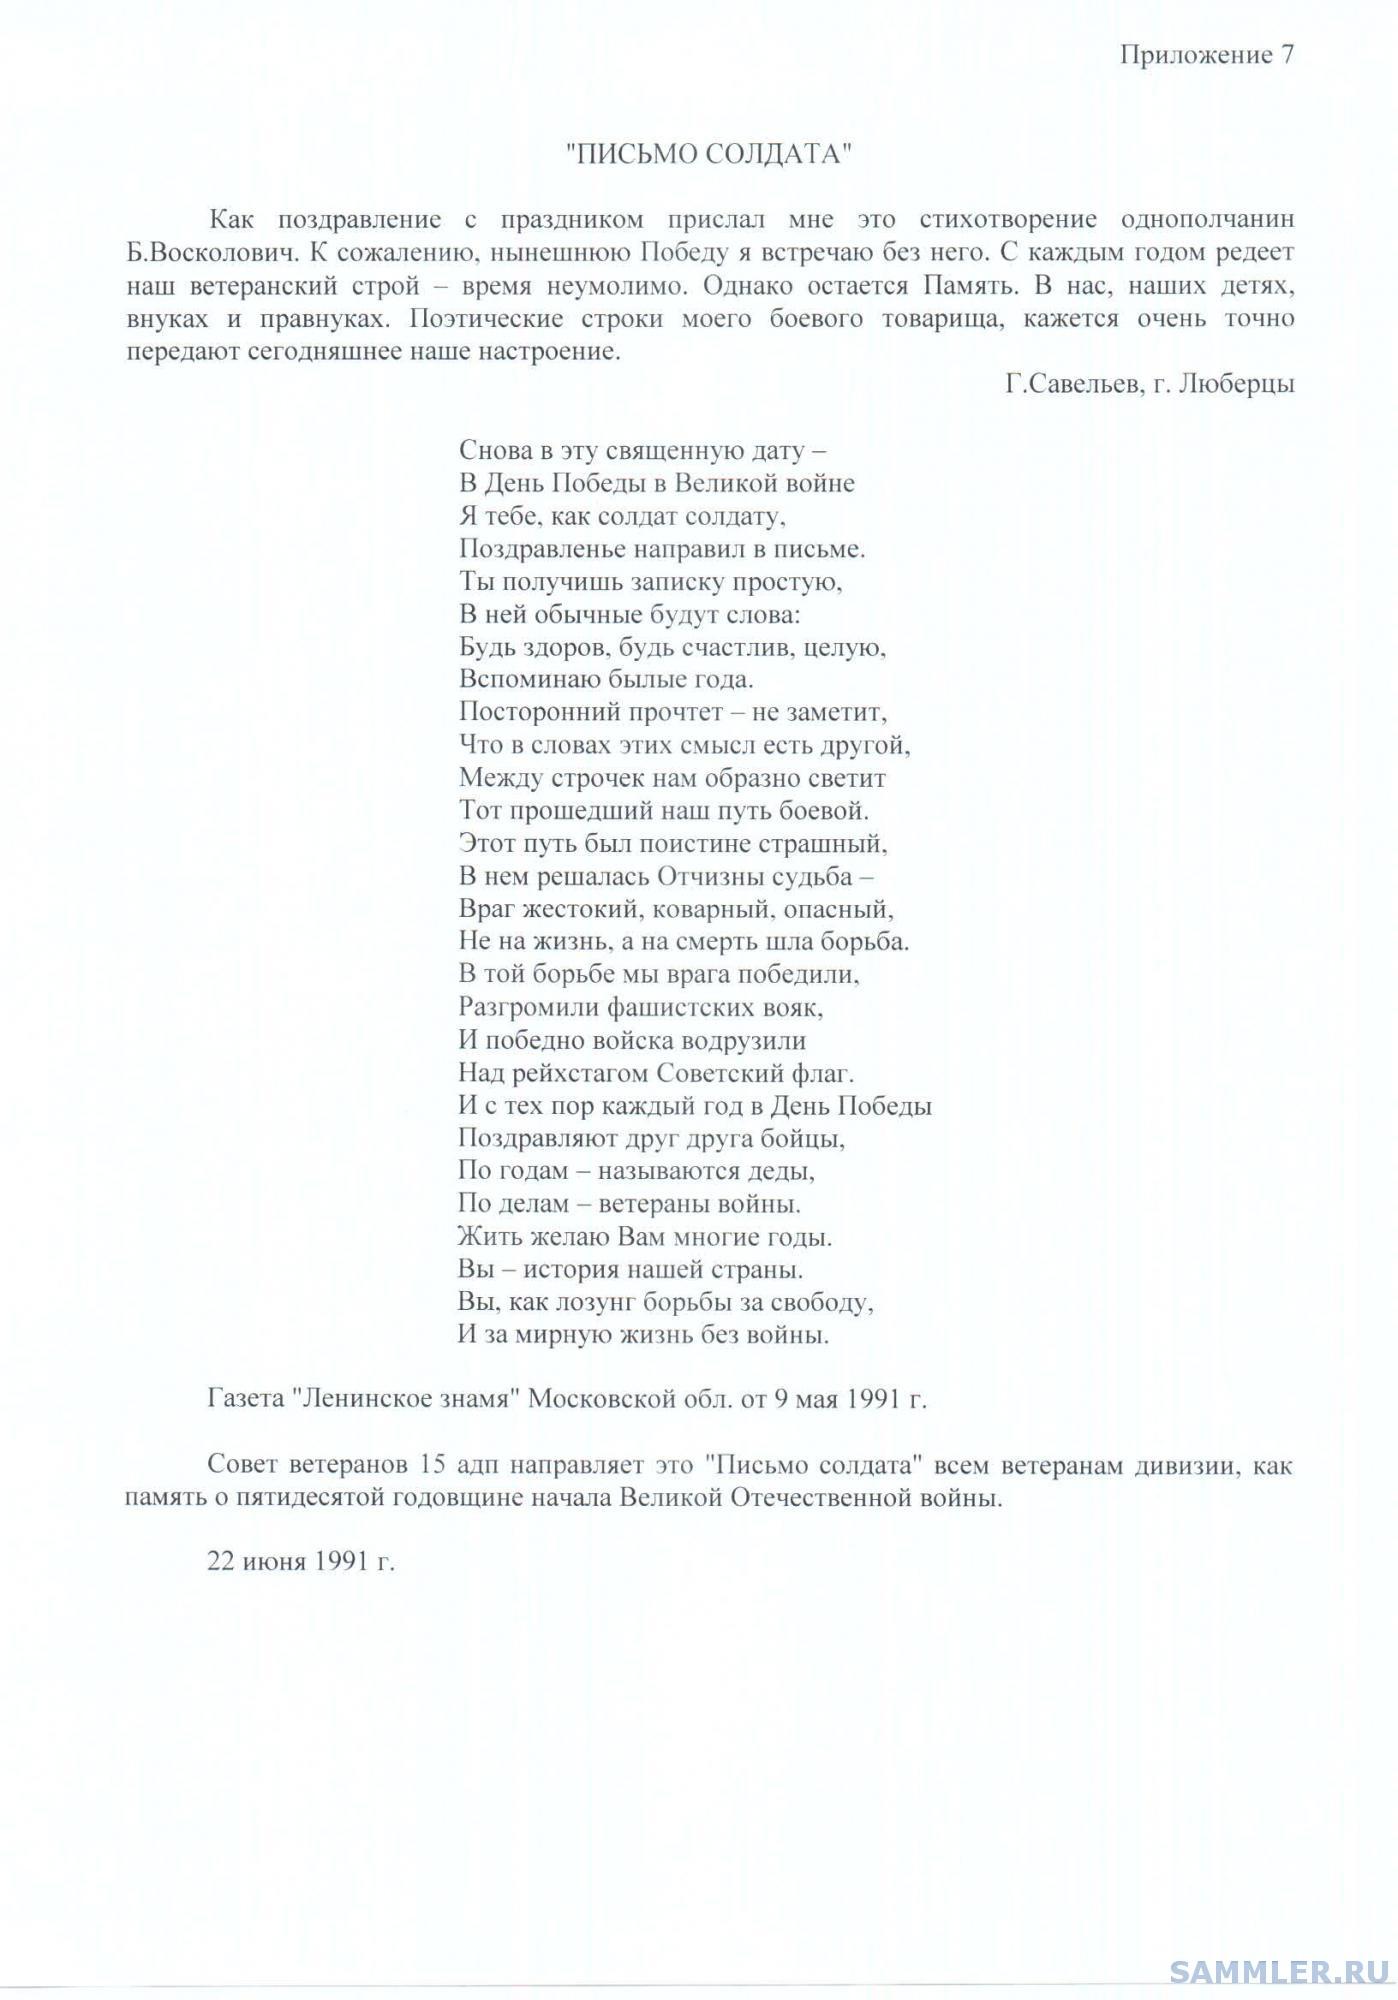 ЛИСТ 33.jpg